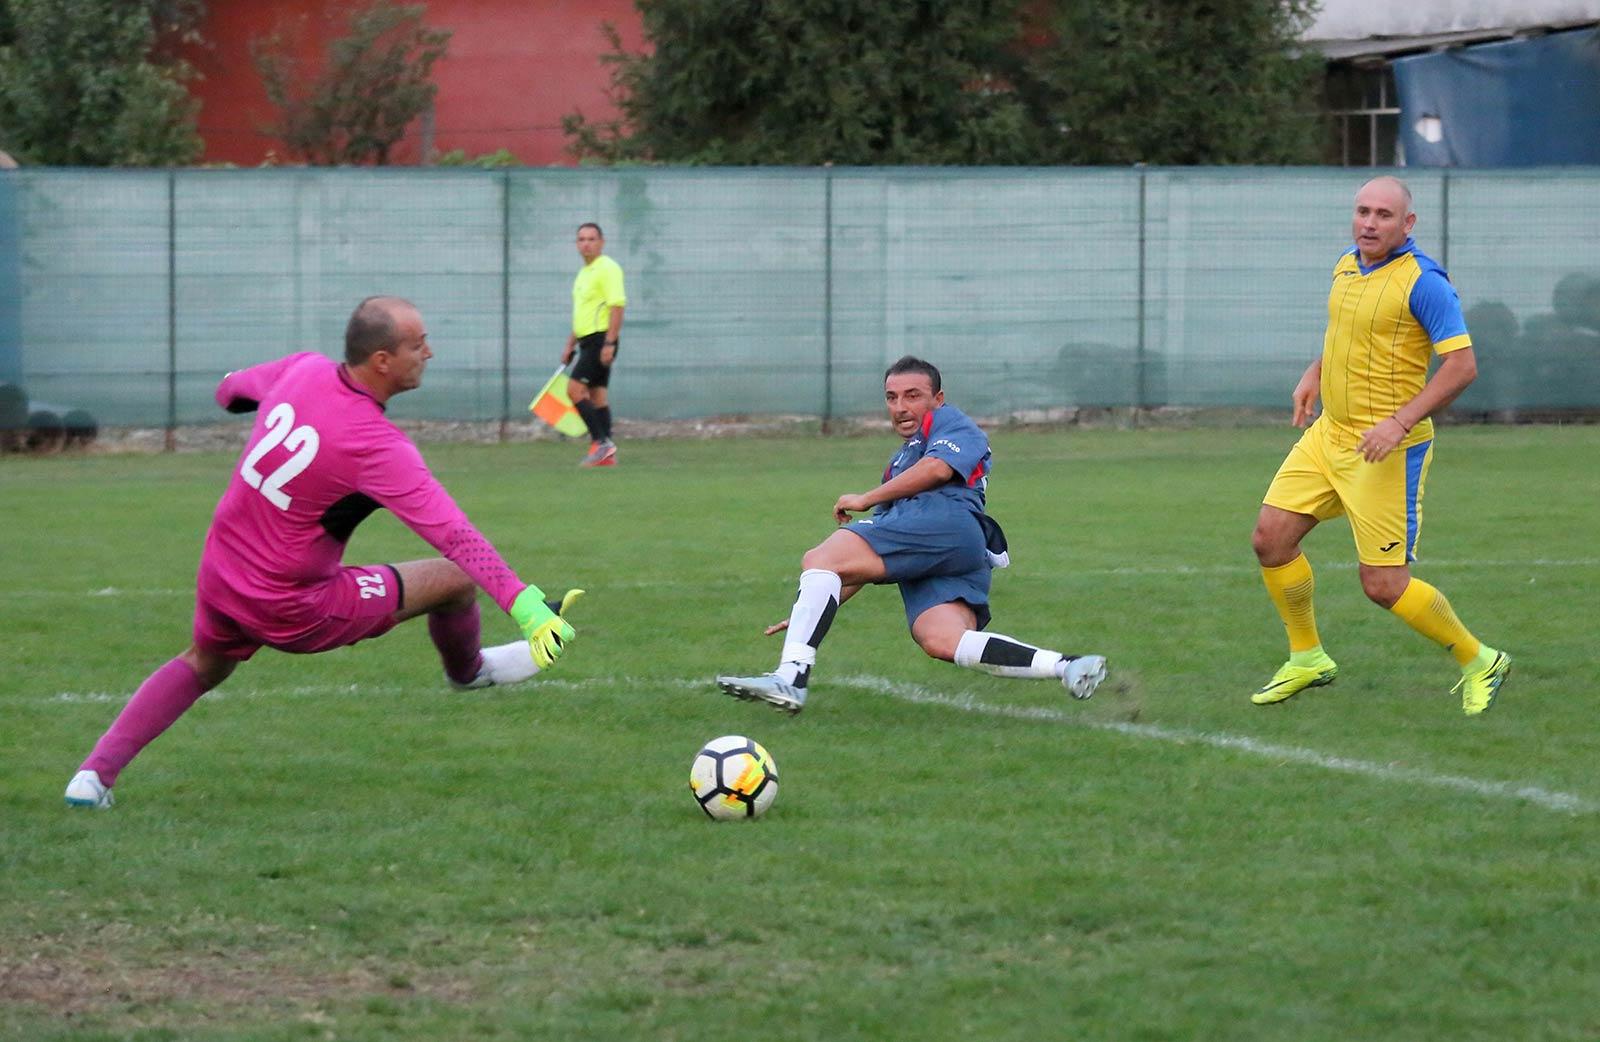 FC Union - Otopeni Oldboys 5-1 / Leo Tănase